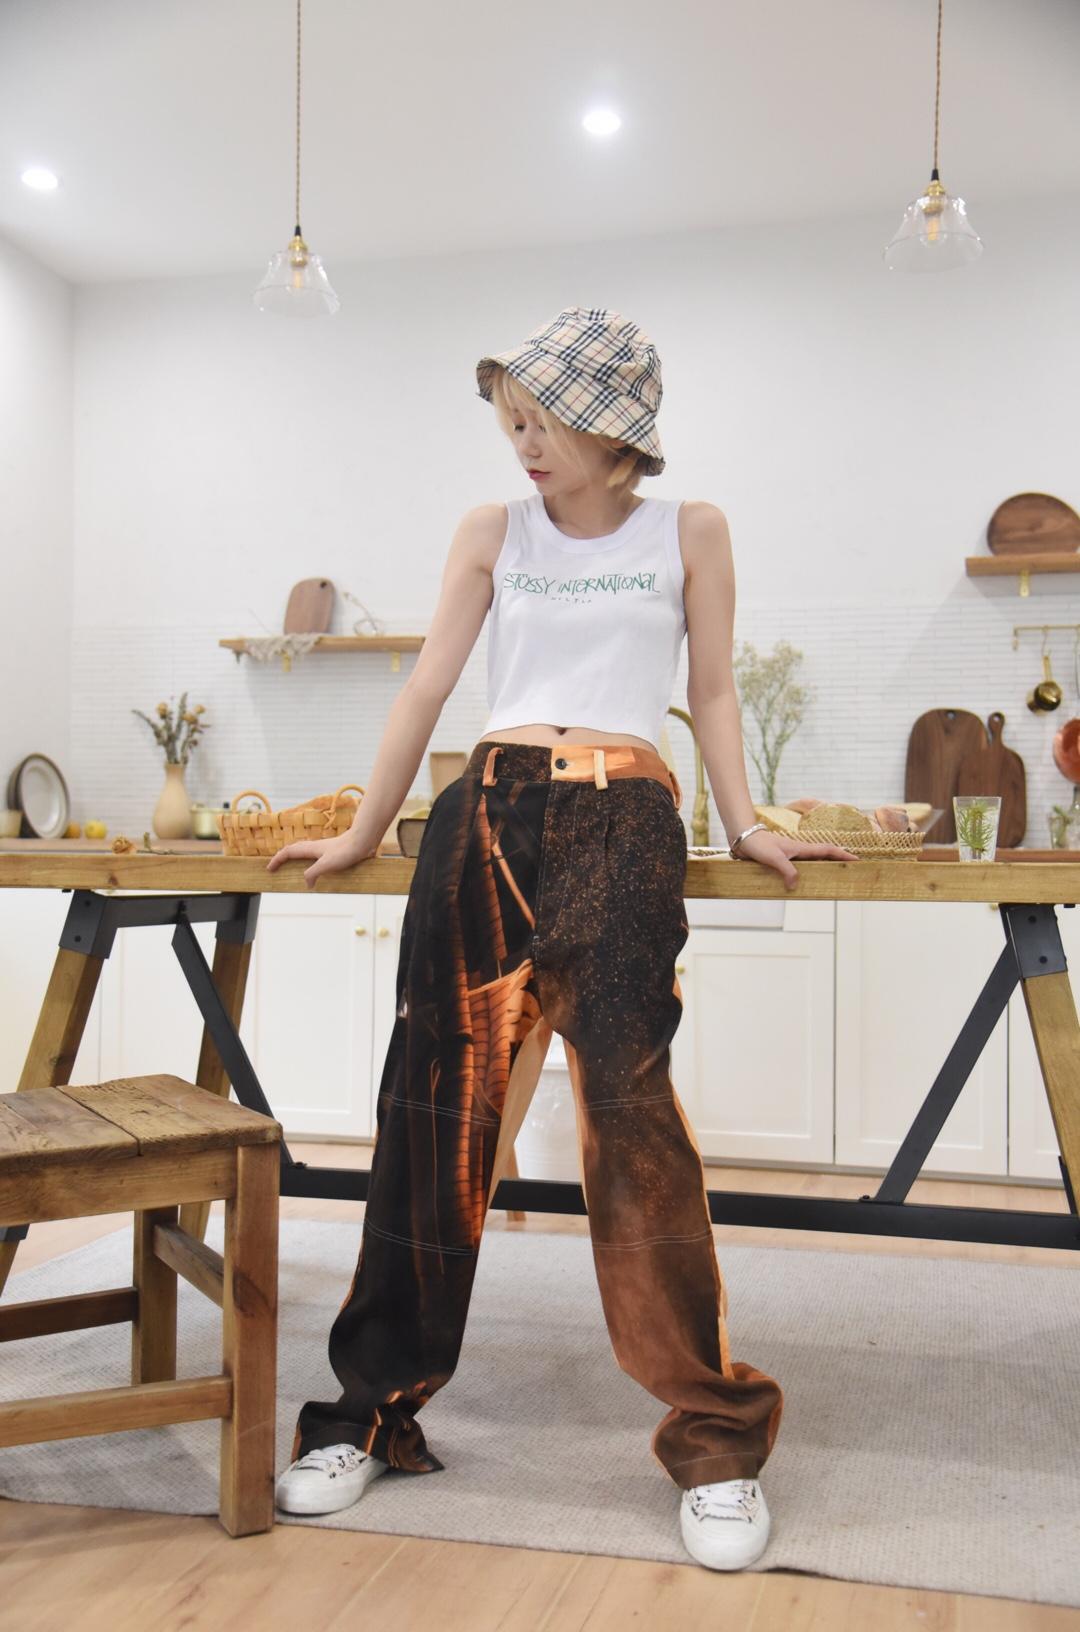 #蘑菇街新品测评# 背心搭配长裤,这样的搭配仿佛一个置身于日本街头的少年~酷酷的痞痞的~自由自在 场地:晴风studio